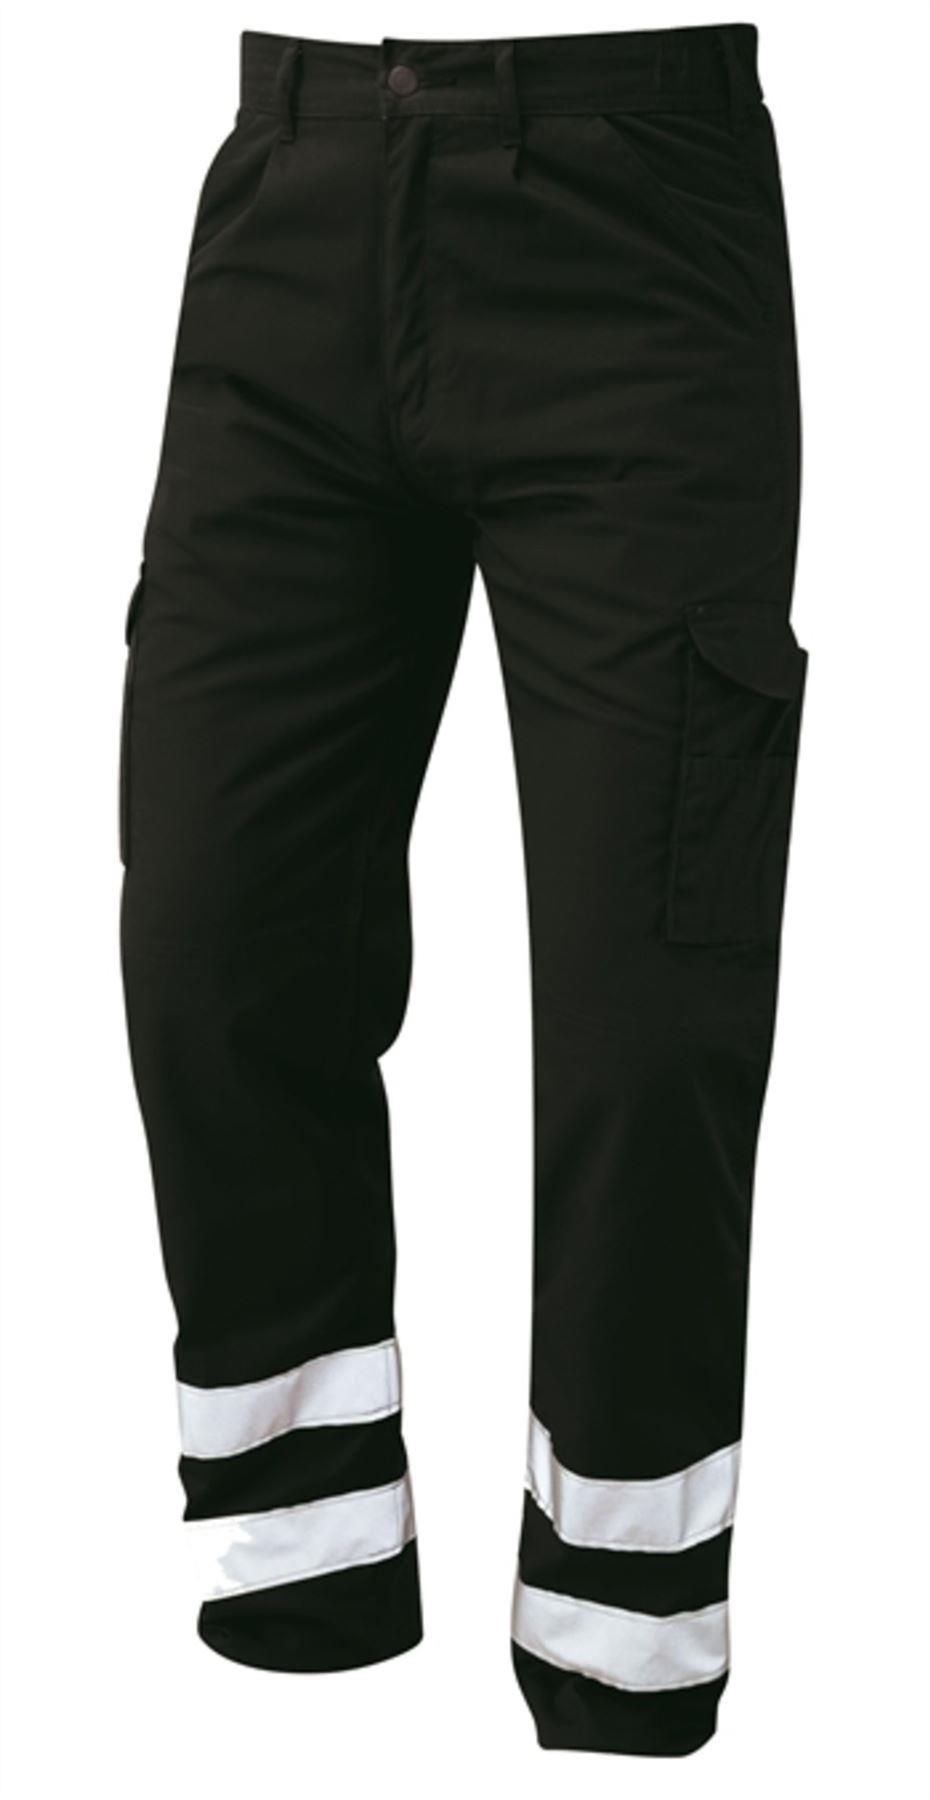 Orn Condor Hi Vis Kneepad Trousers - Black|52W29L